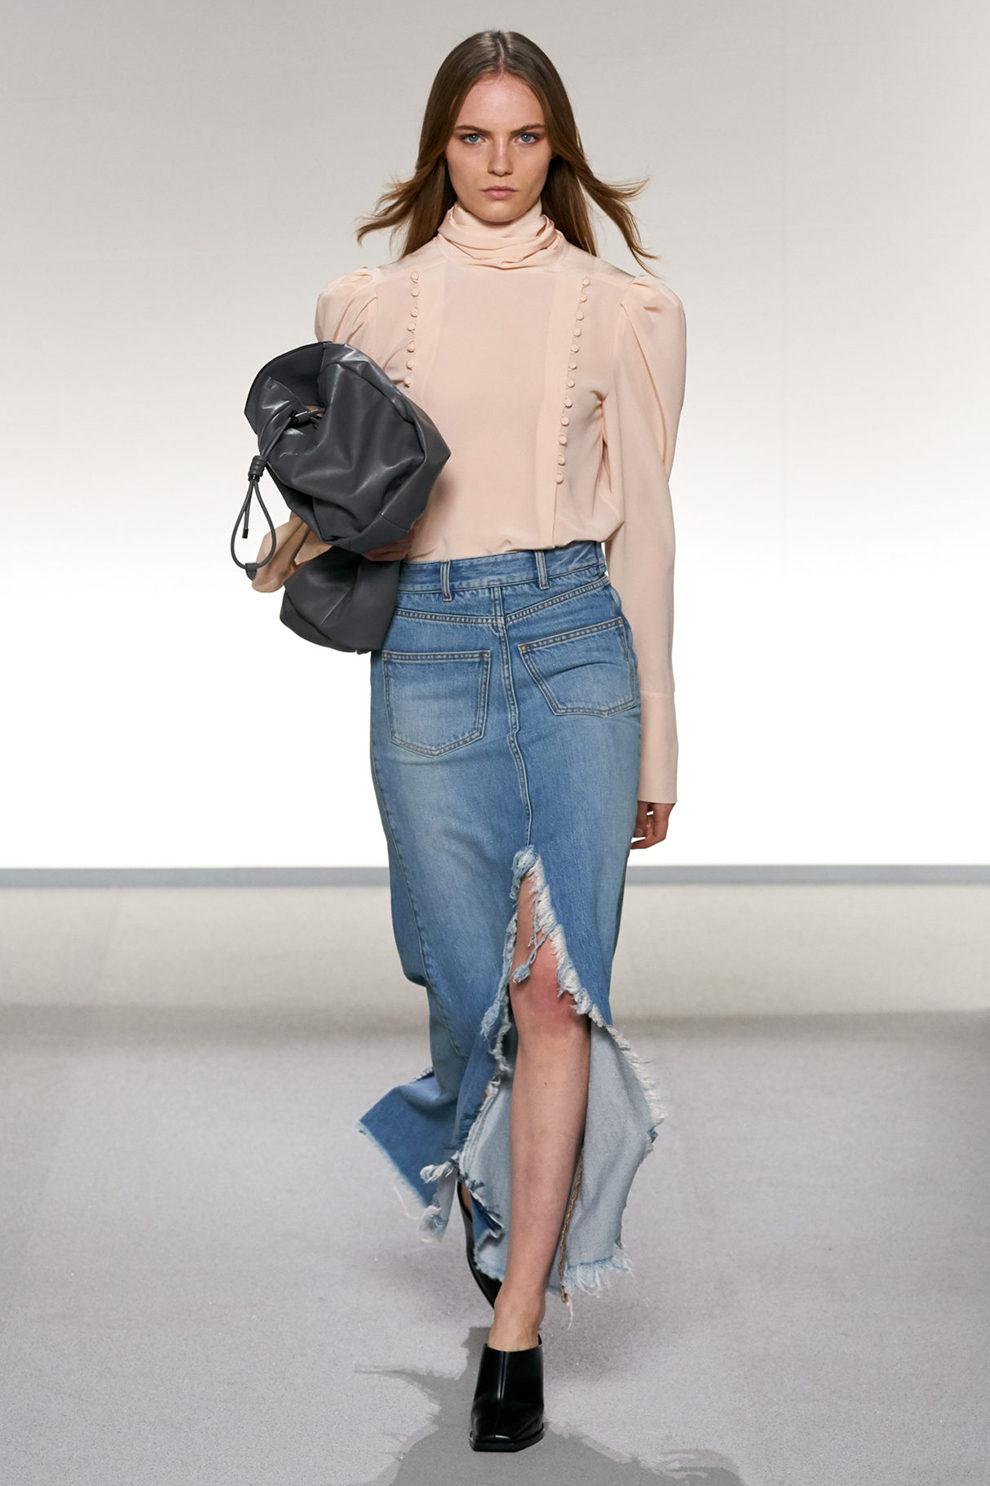 джинсовая юбка 2019